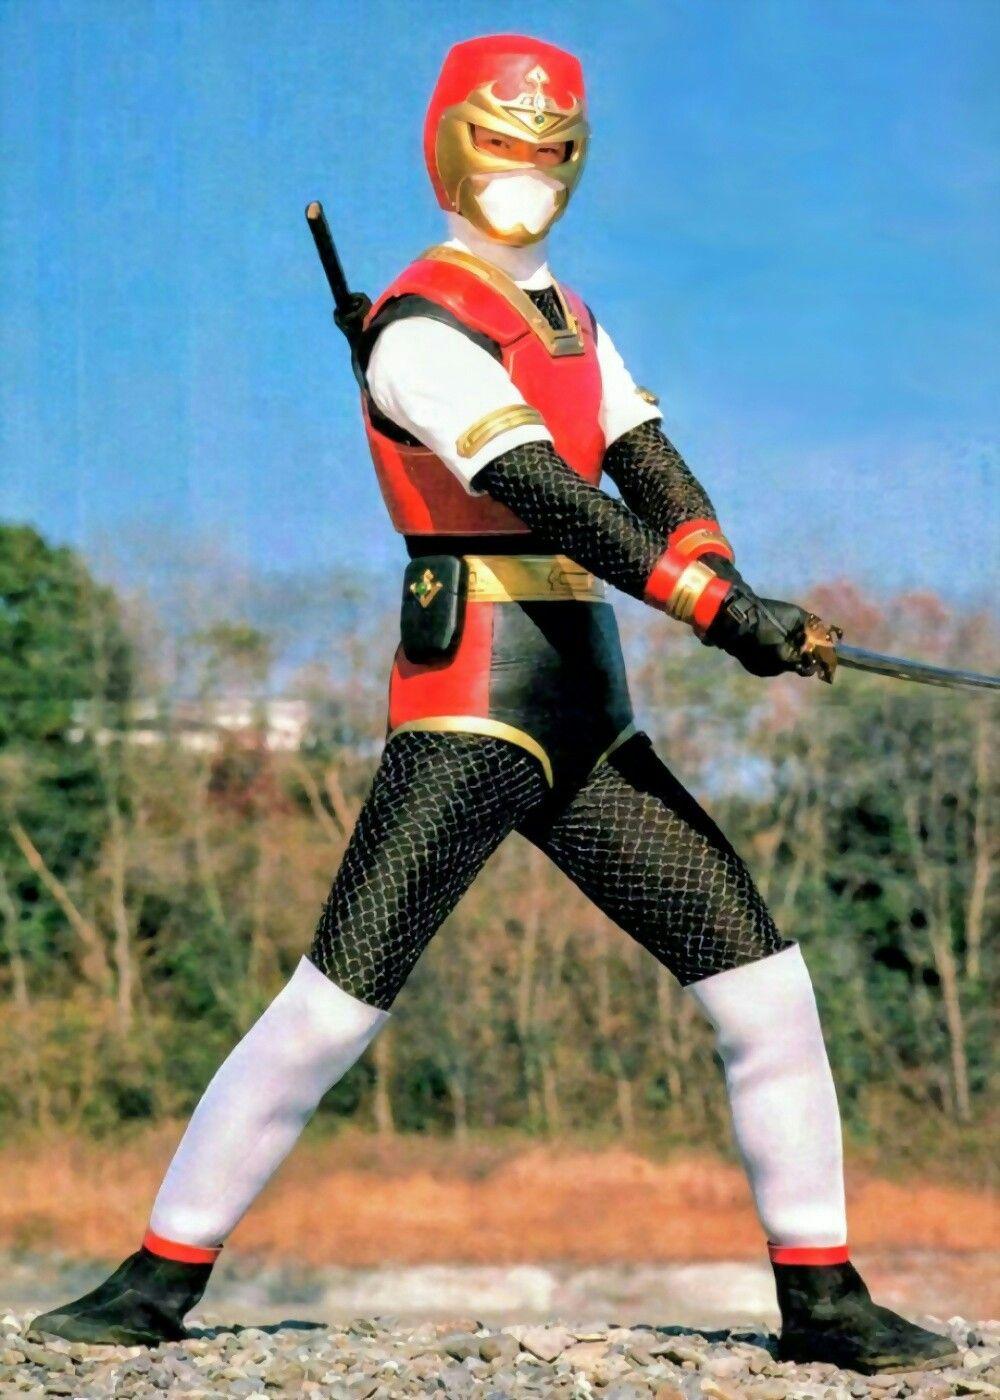 世界忍者戦ジライヤ | 特撮ヒーロー, 著ぐるみ, ヒーロー